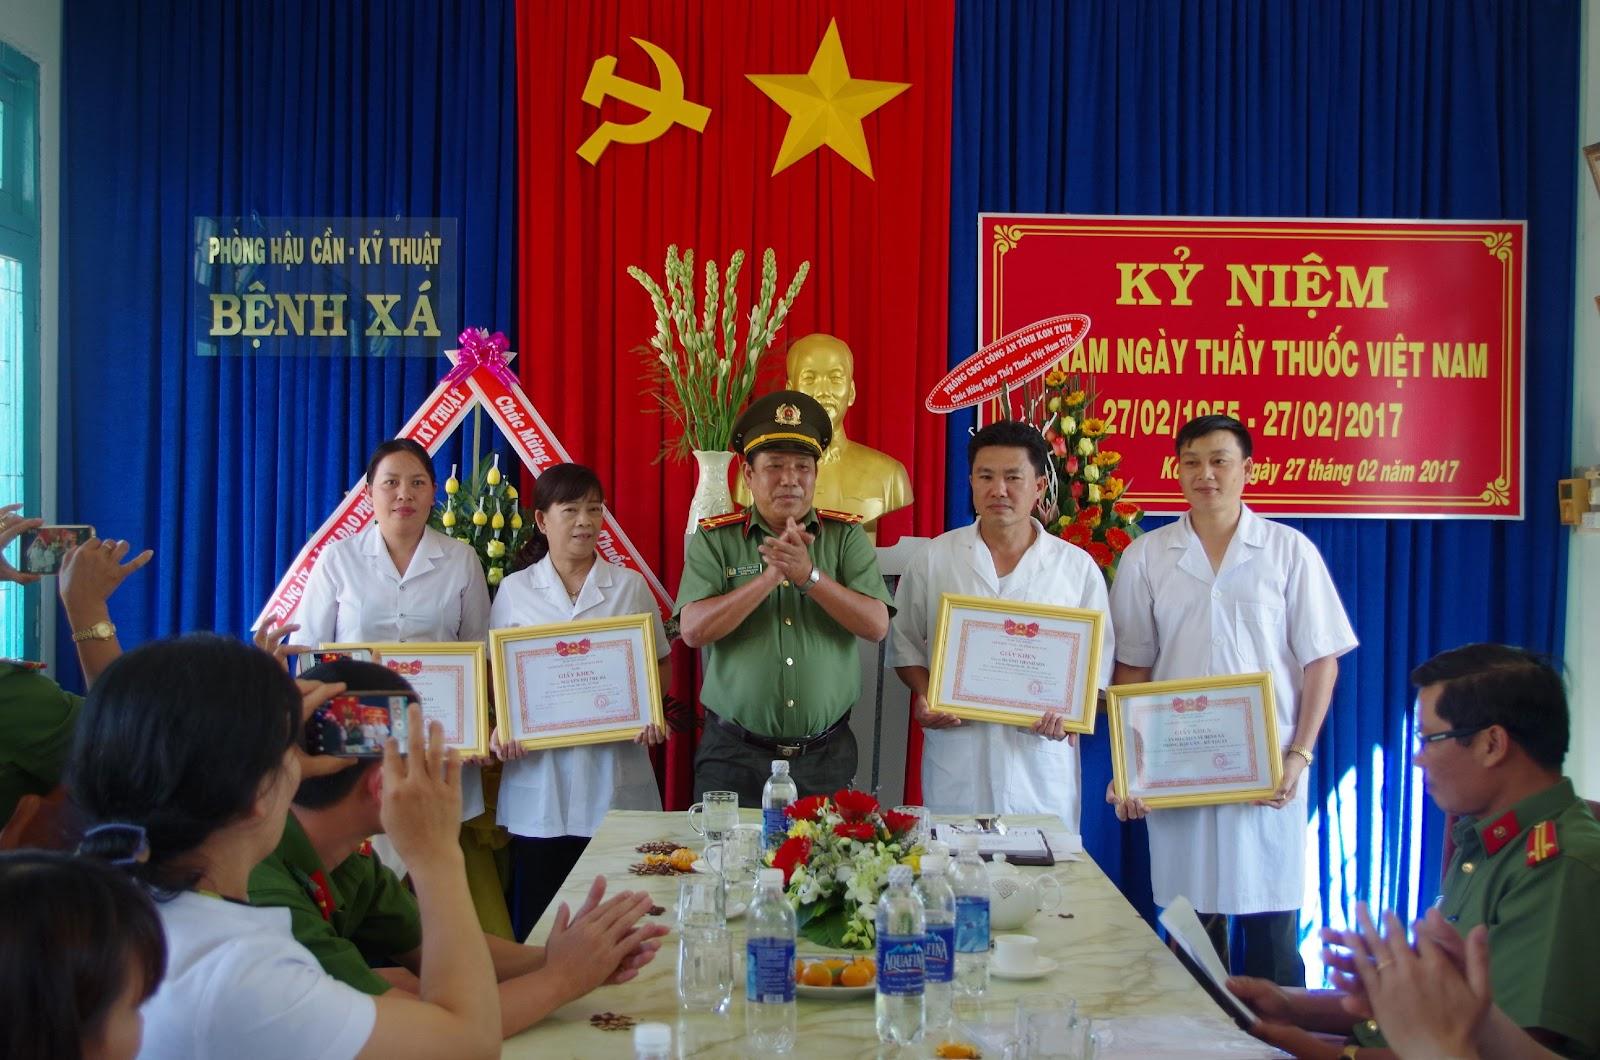 Kỷ niệm 62 năm Ngày thầy thuốc Việt Nam (27/2/1955 - 27/2/2017)